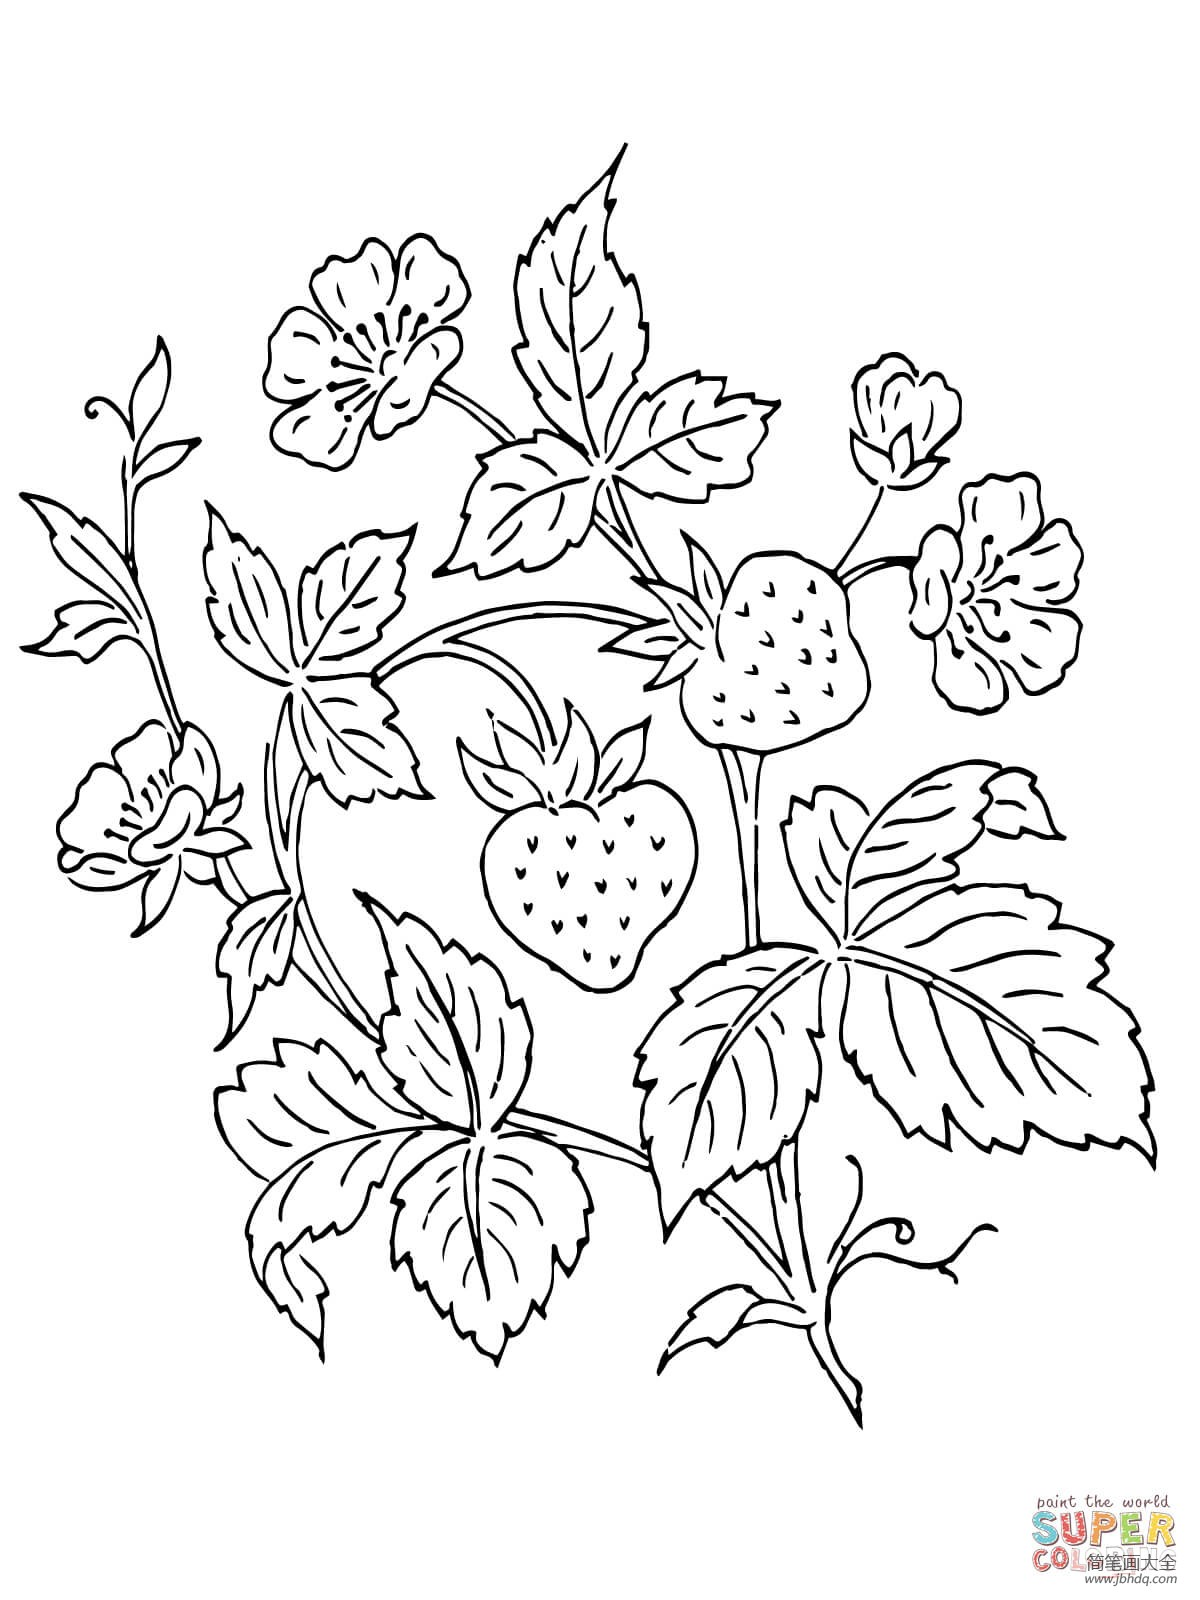 [草莓花图片]草莓和草莓花